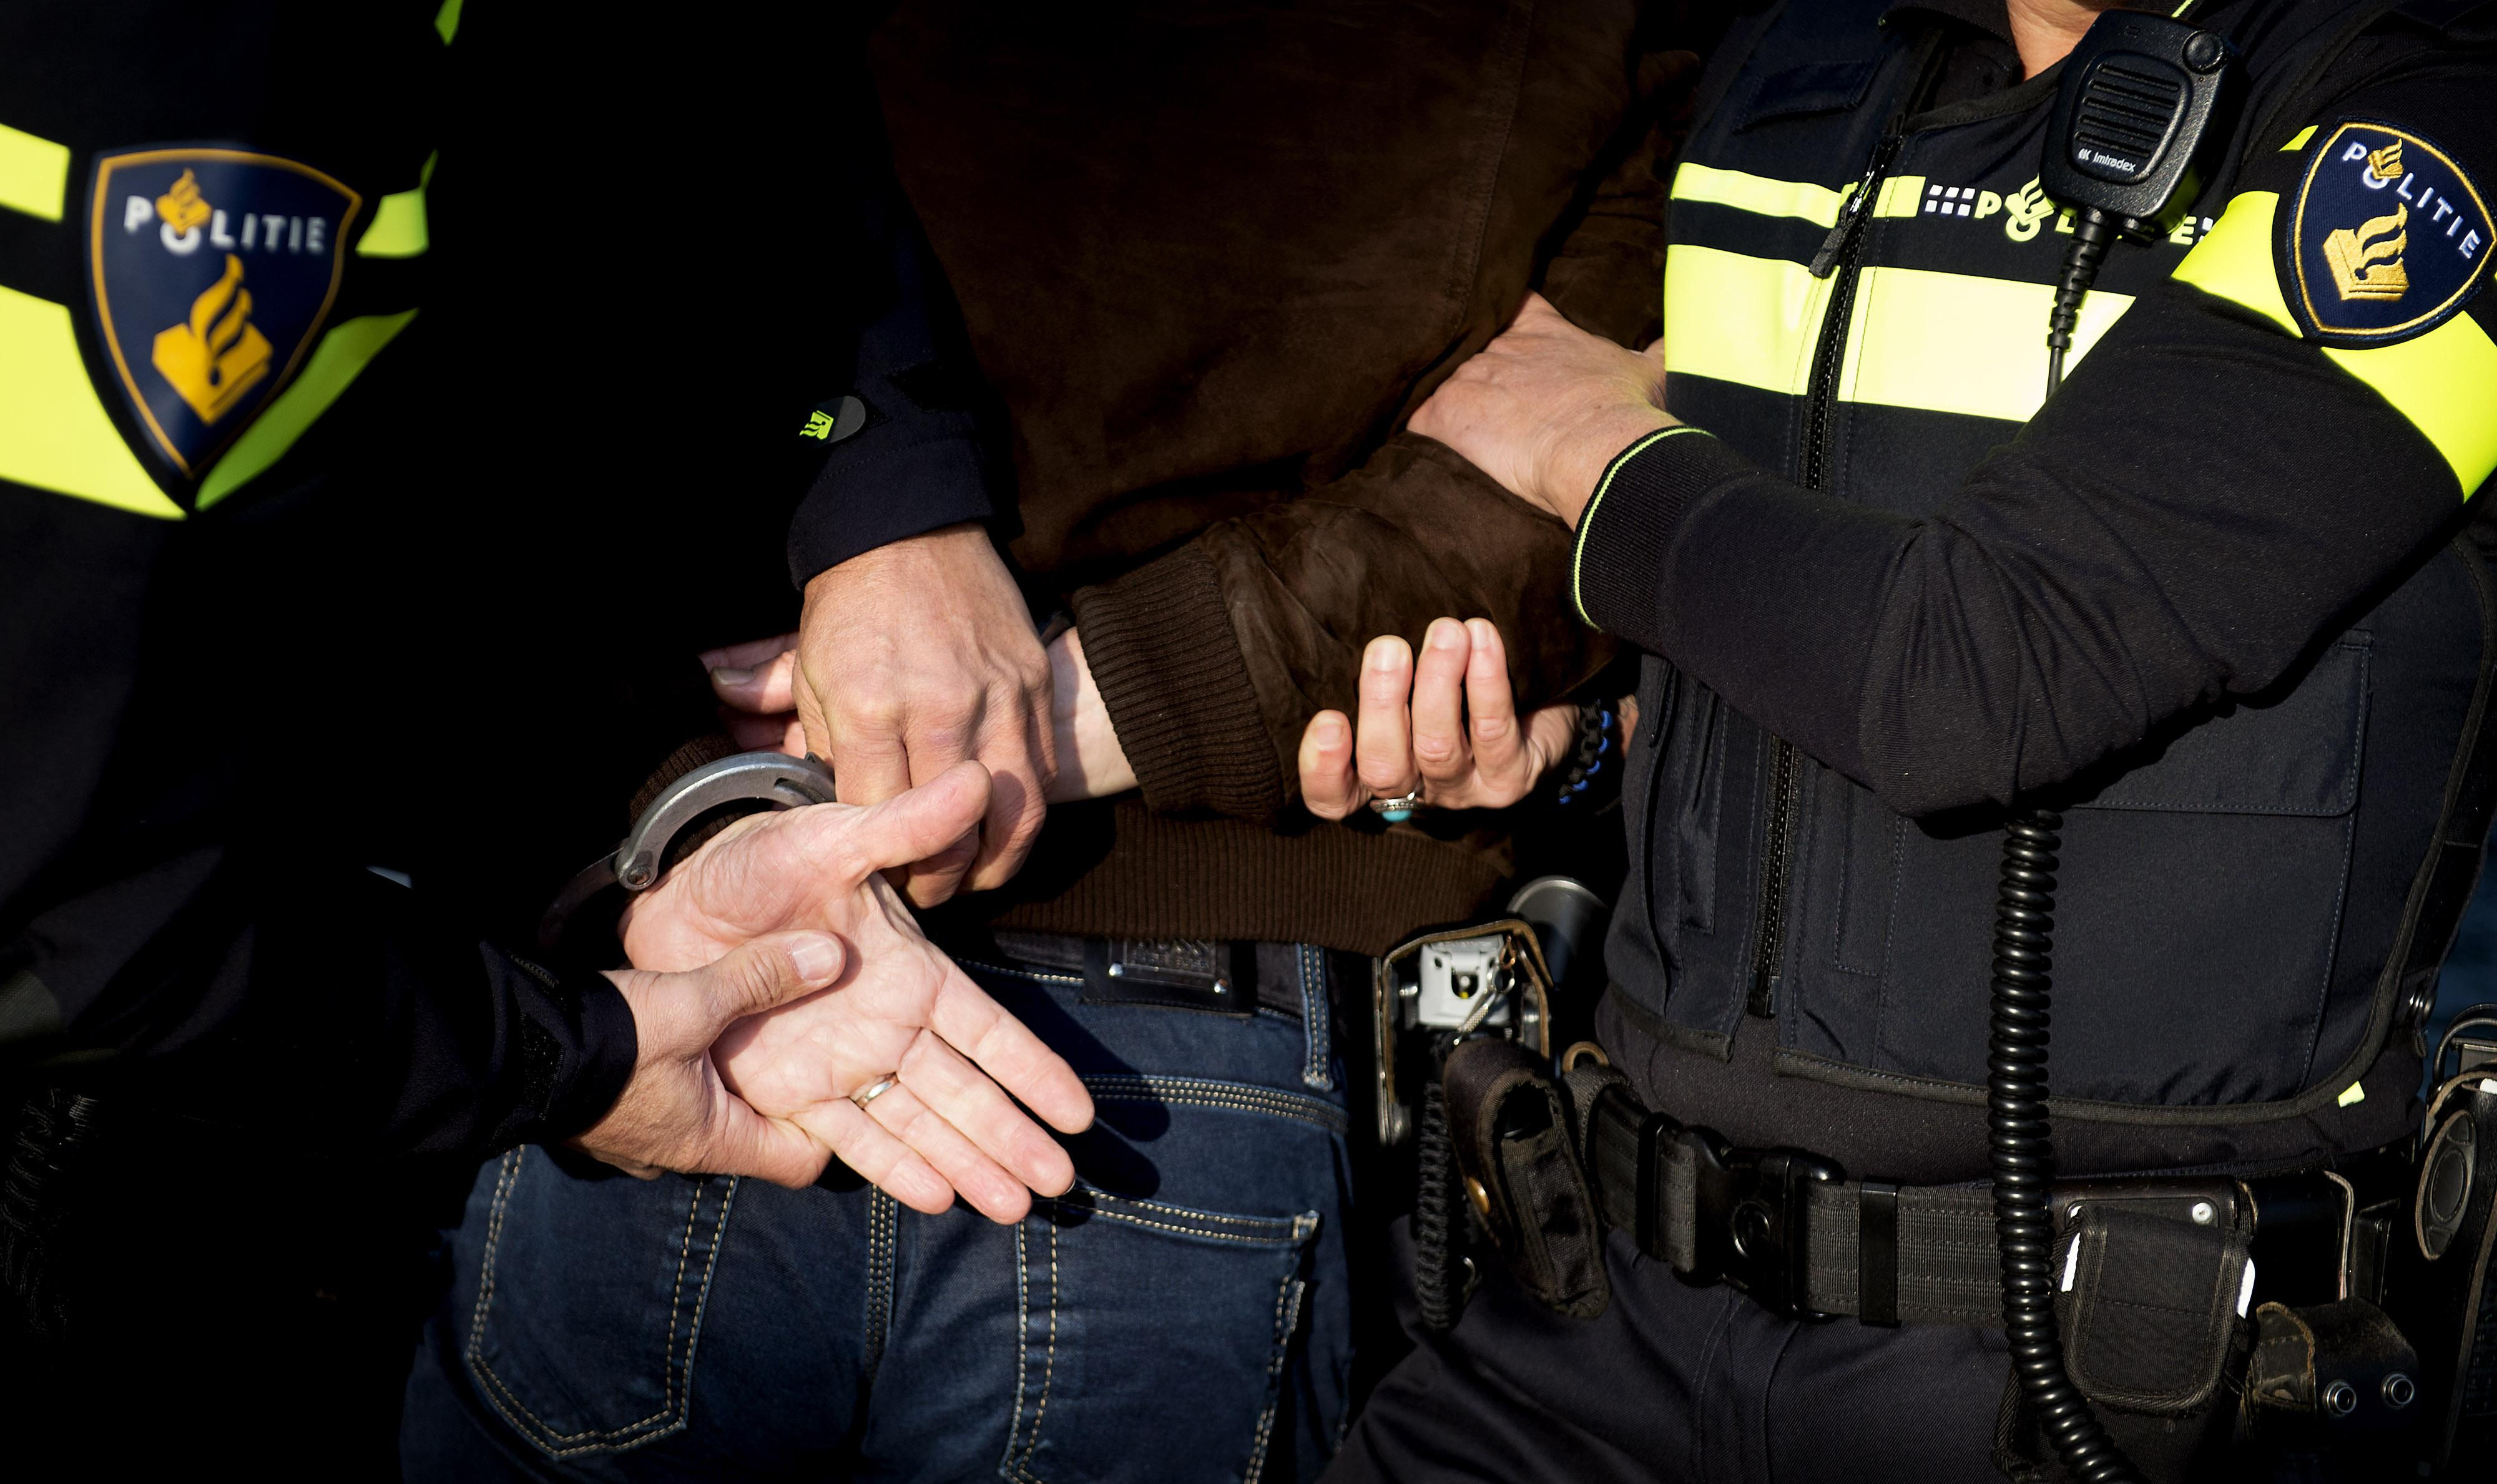 Geen duidelijke verklaring voor hausse aan straatroven door jongeren in Haarlemse regio